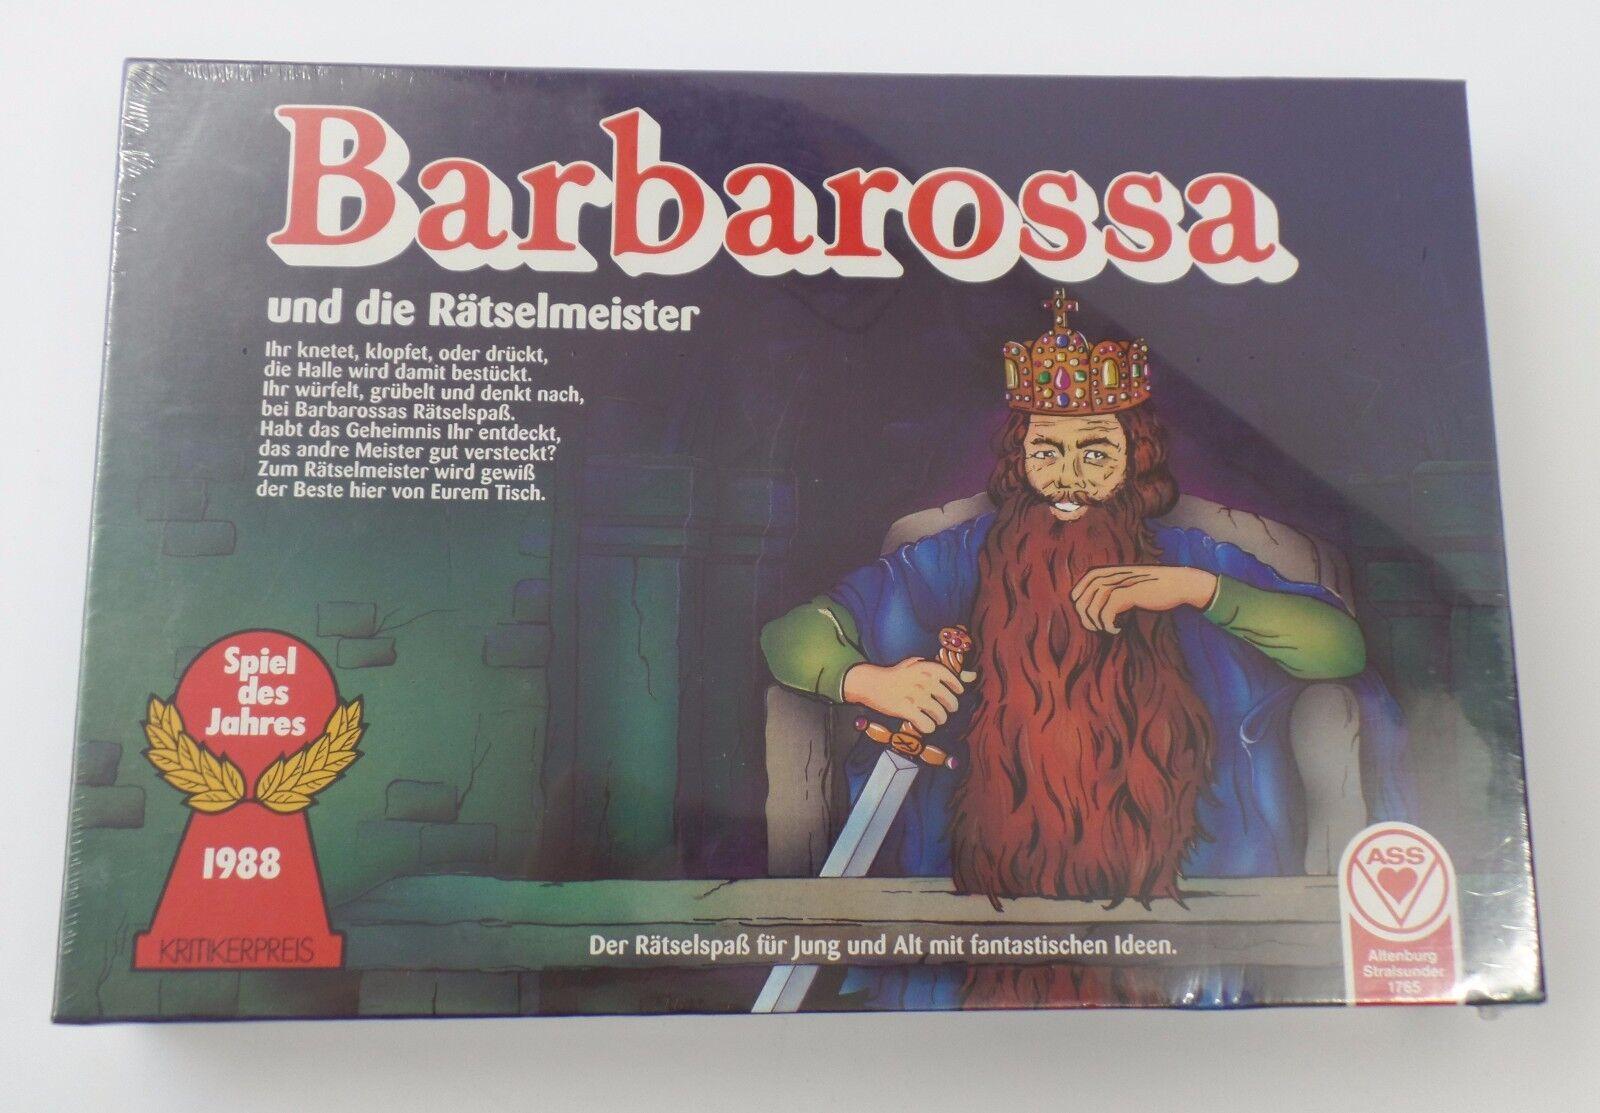 ASS - Barbarossa und die Rätselmeister Spiel des Jahres 1988 - NEU NEW in Folie